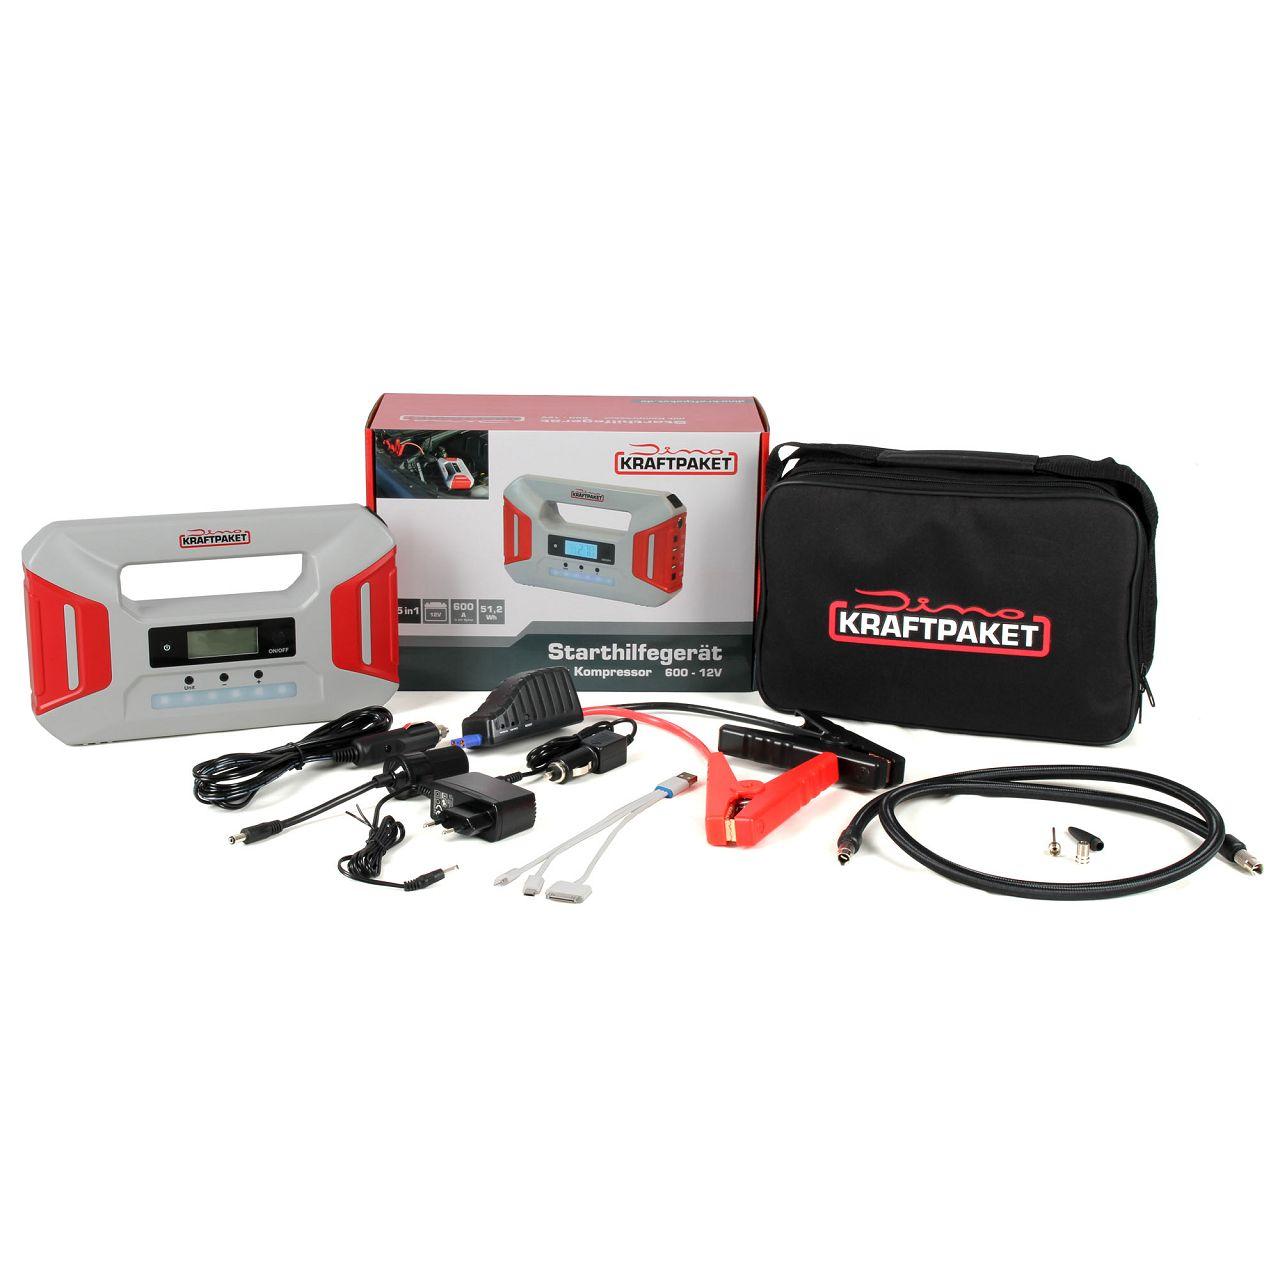 Dino KRAFTPAKET 136235 12V 5in1 Ladegerät Starthilfegerät Batterie Kompressor